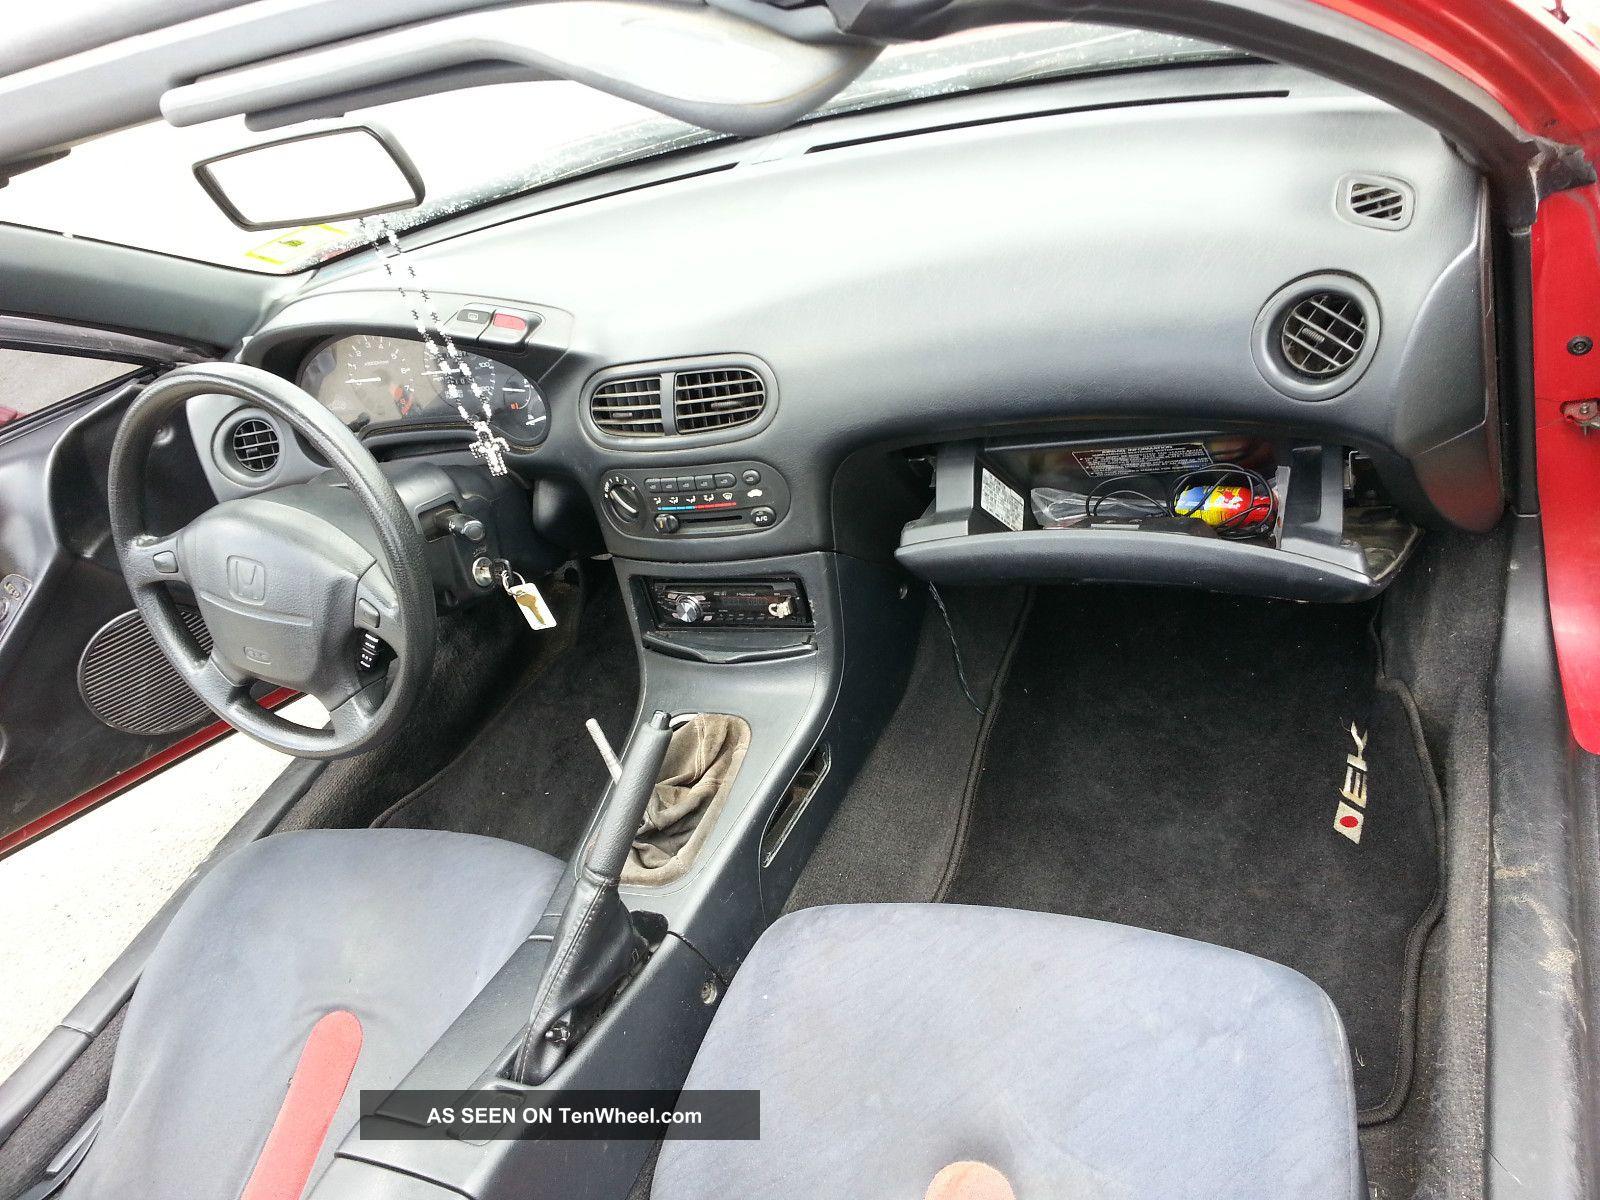 1993 Honda Civic Del Sol Si Coupe 2 Door 1 6l